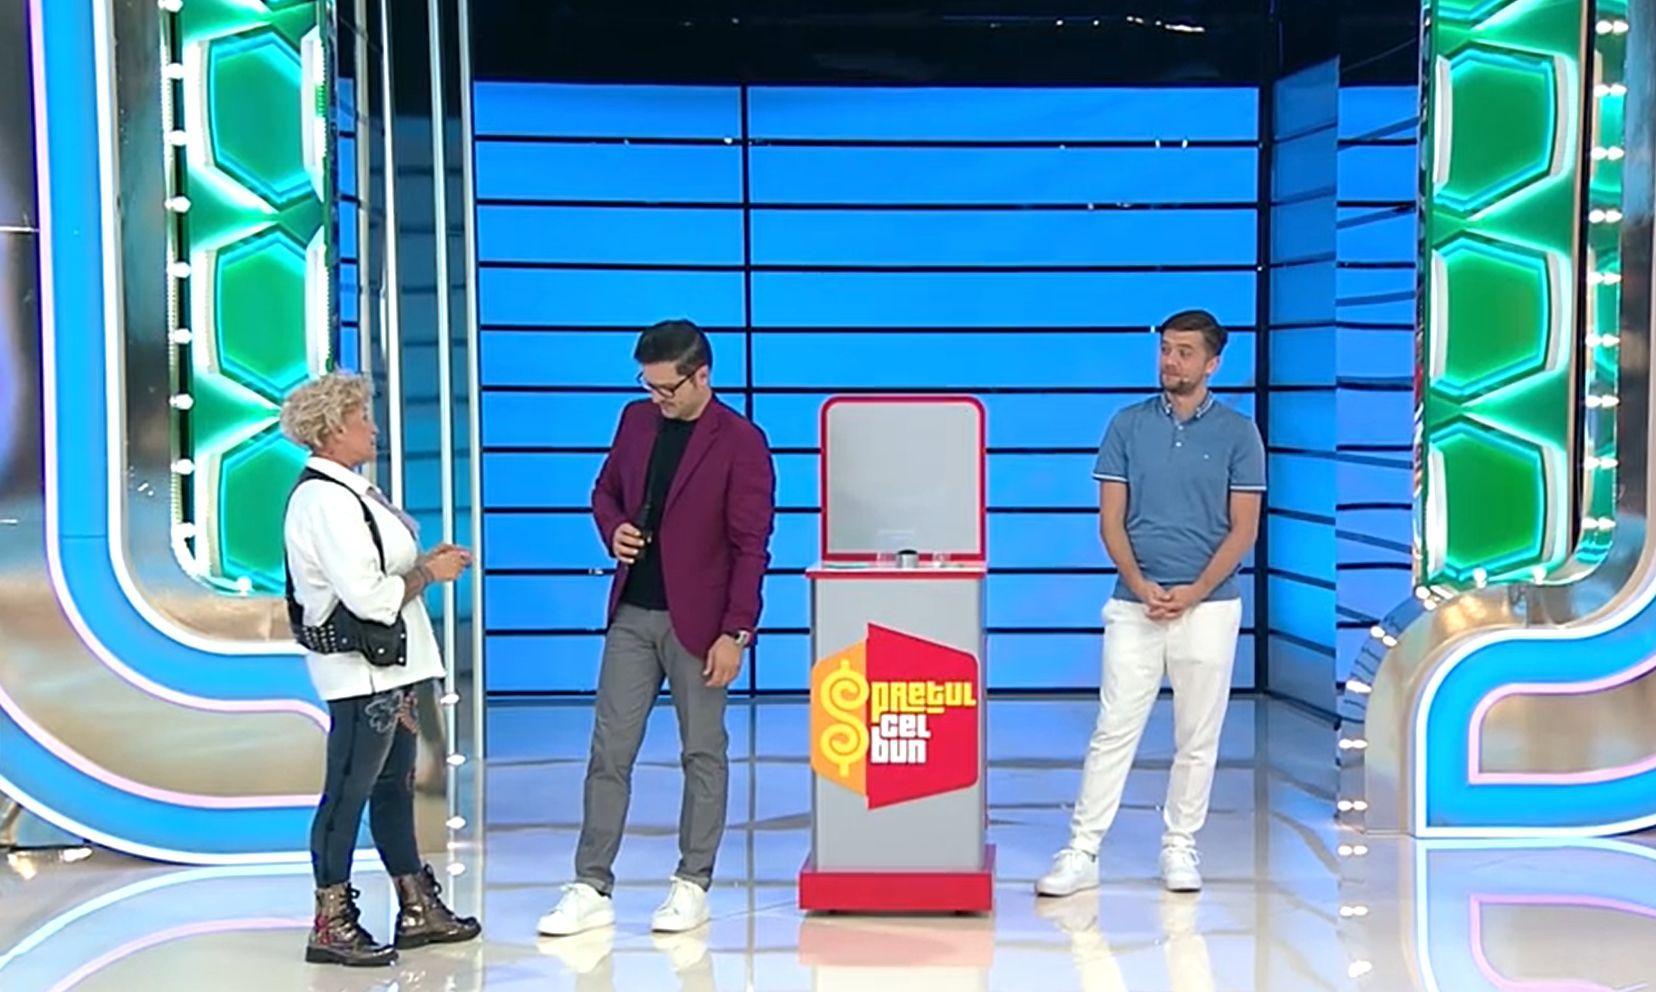 Prețul cel bun, 14 octombrie. Concurenta de la Prețul cel bun care l-a luat prin surprindere pe Andrei Ștefănescu cu tatuajele ei